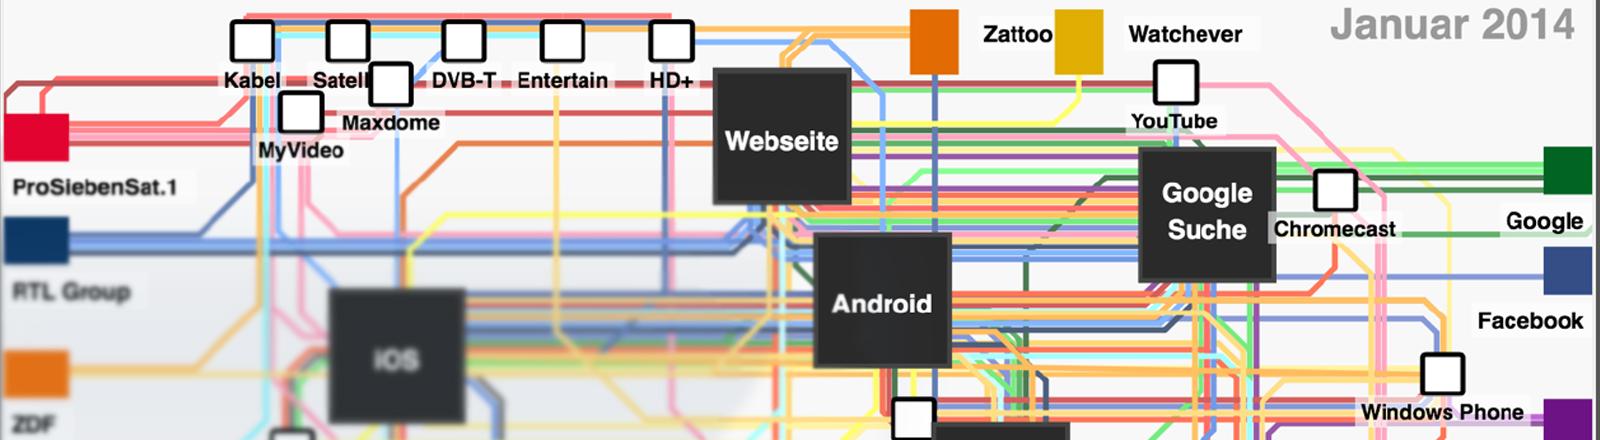 Eine Art Straßenbahnkarte mit verschiedenen Fernsehsendern und deren Verbreitungswegen